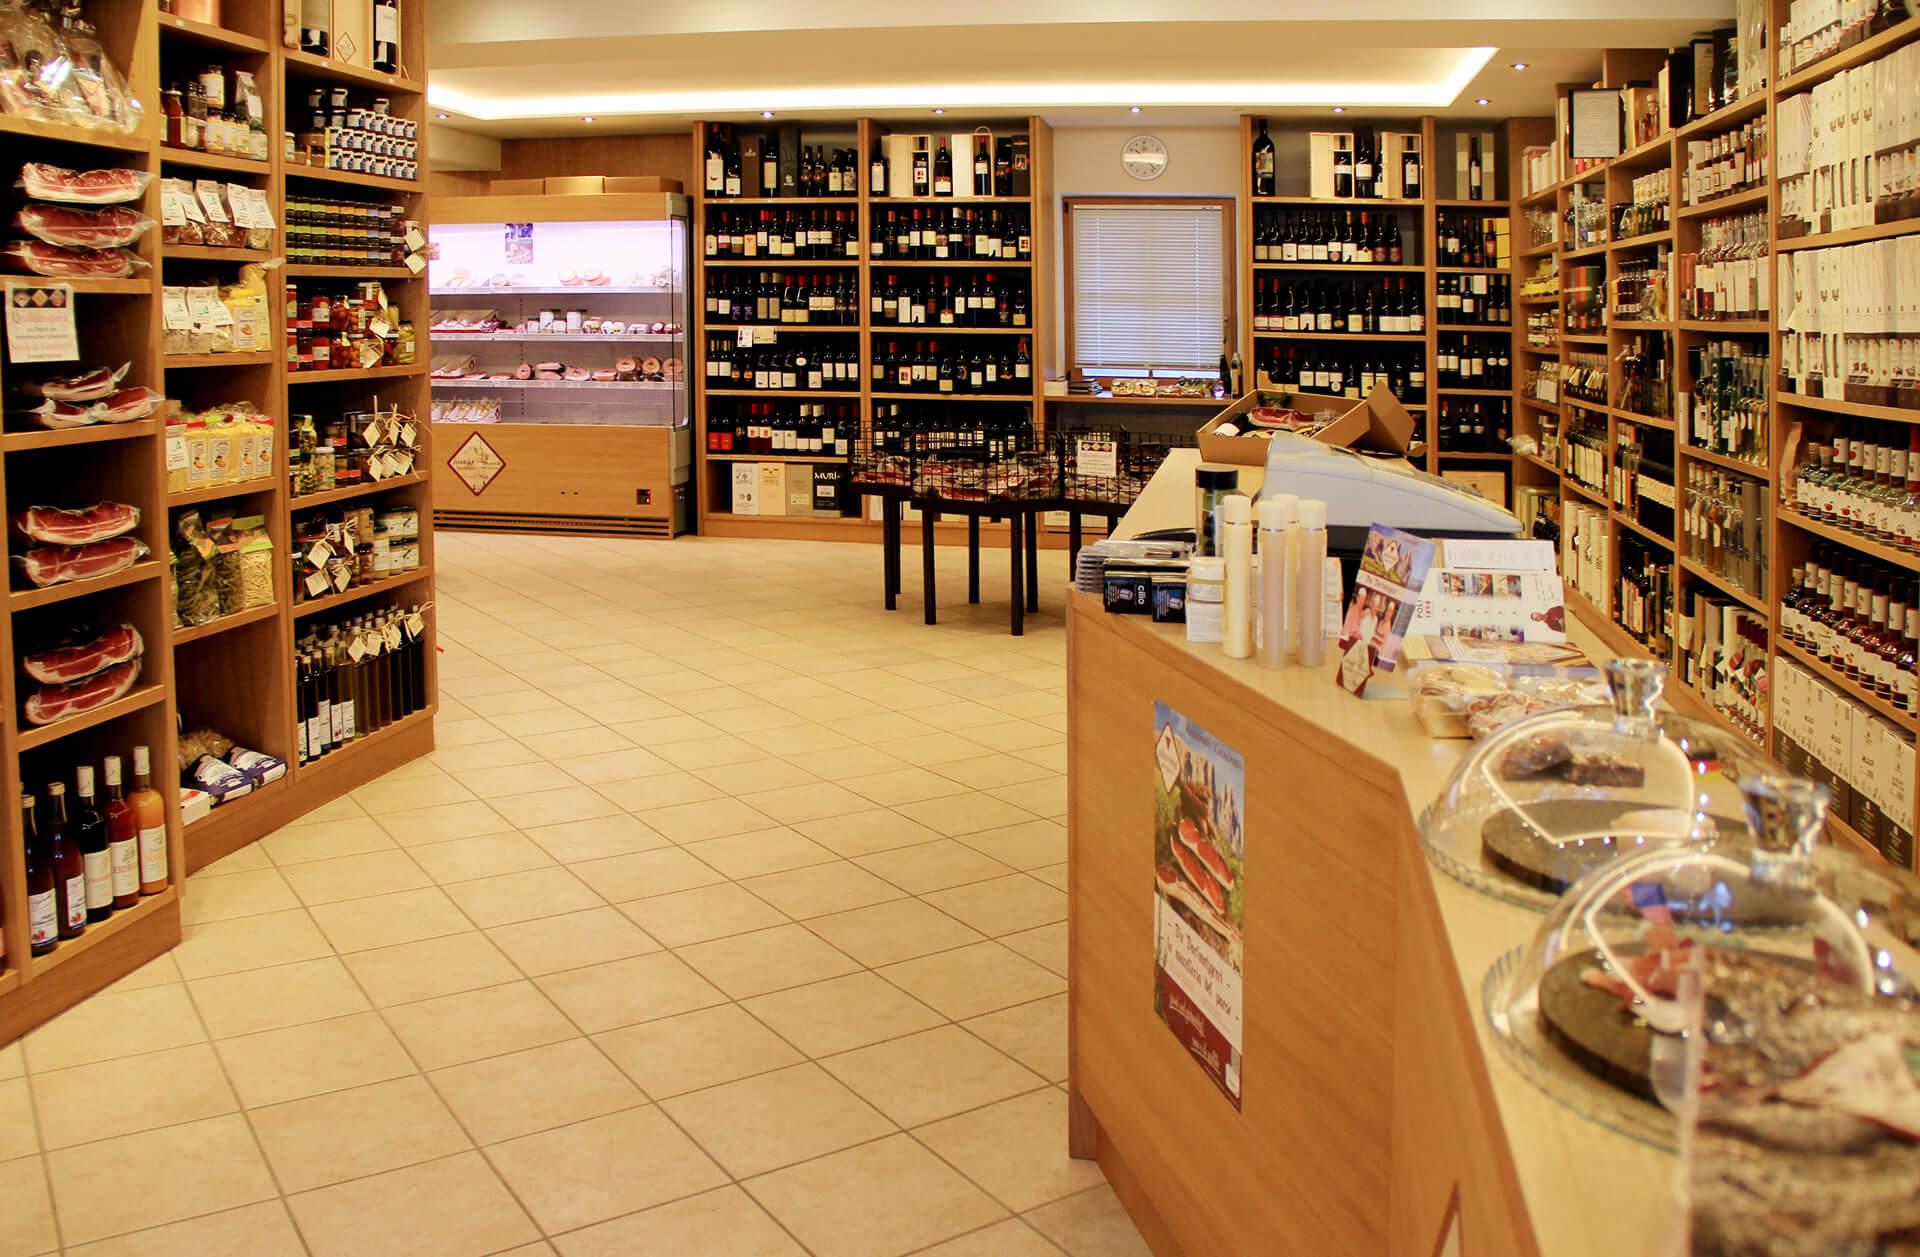 Verkaufsort Feinkostladen Kastelruth - Weine